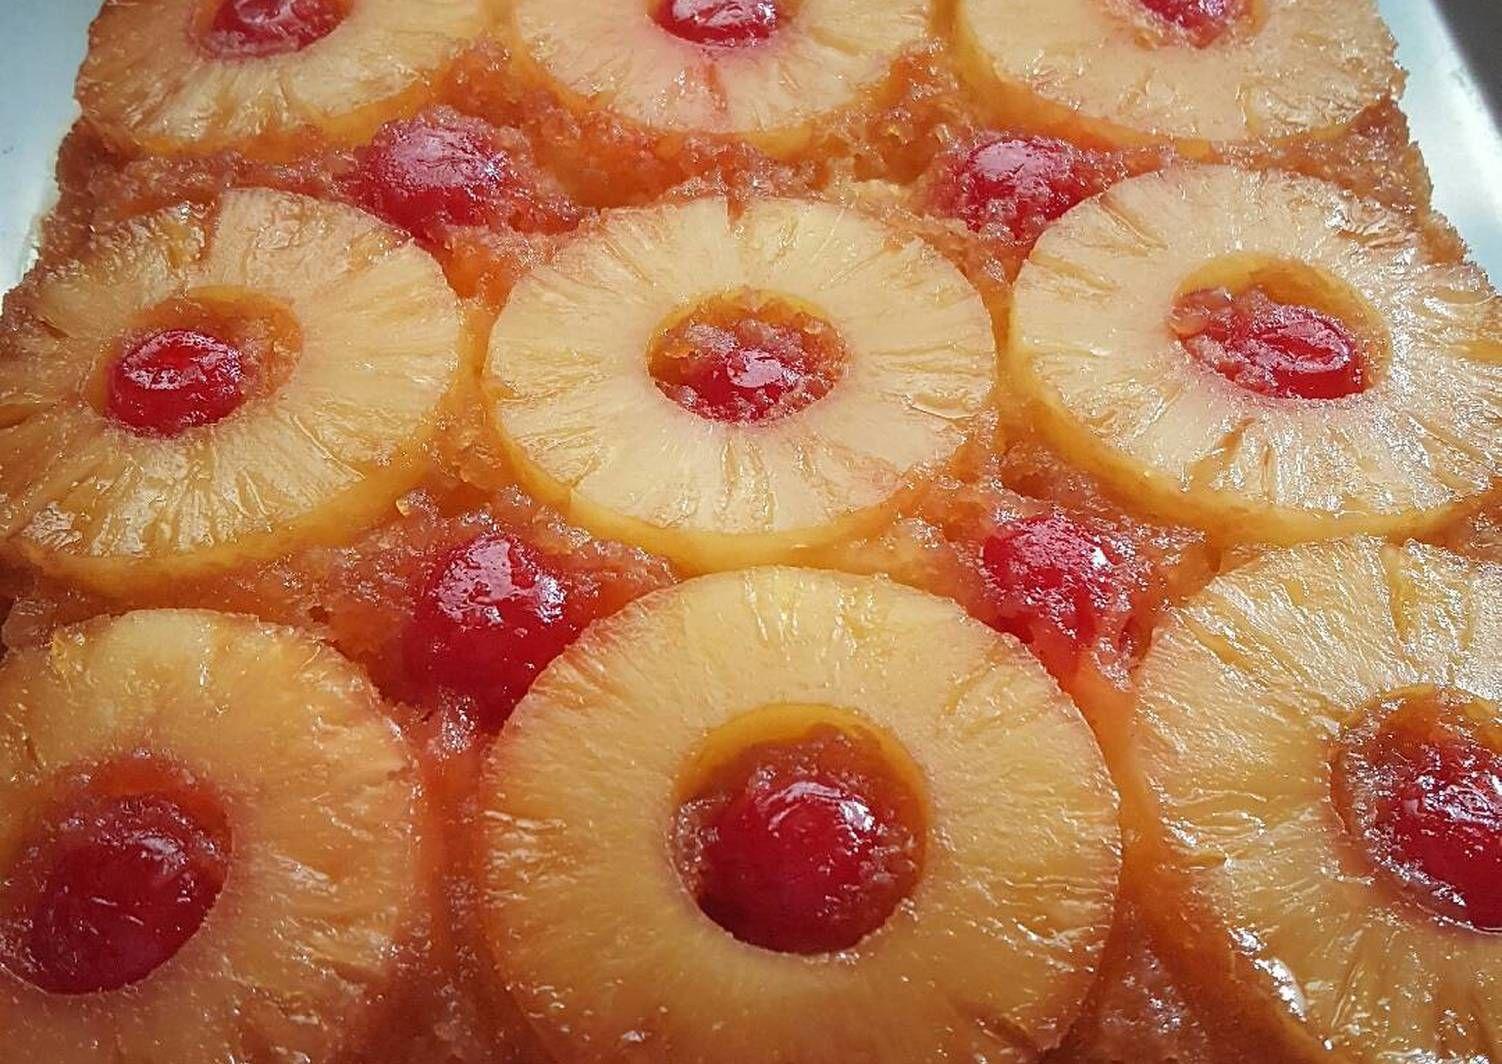 Pineapple Upside Down Cake Recipe By Eileen De Lang Recipe In 2020 Pineapple Upside Down Cake Pineapple Upside Down Pineapple Upside